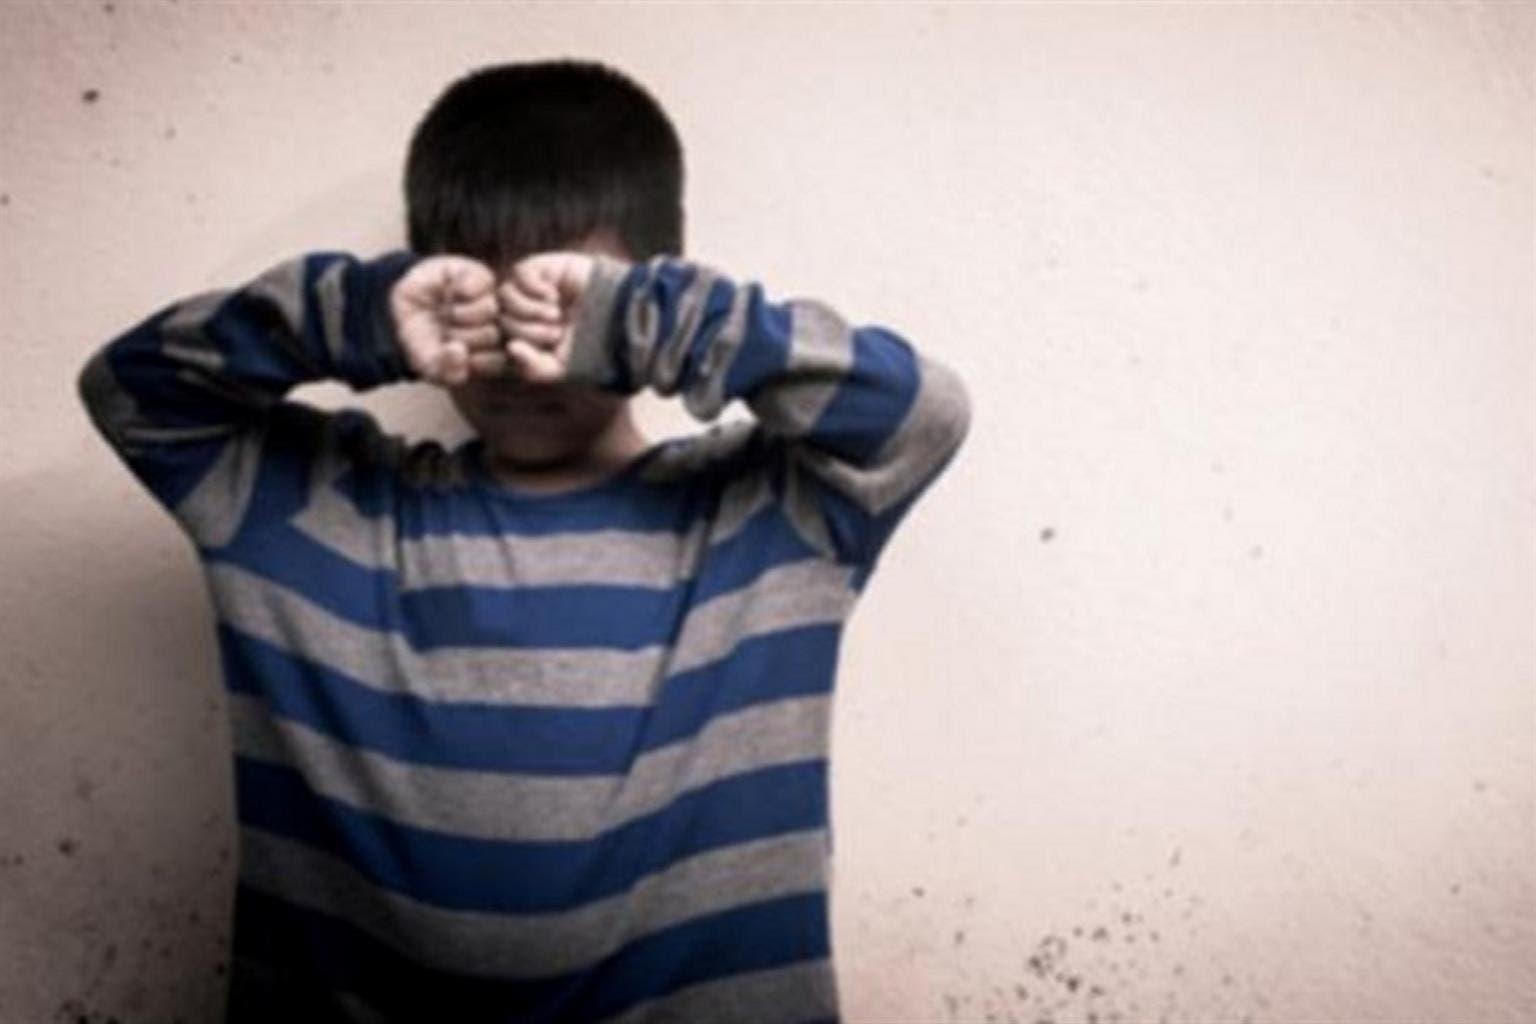 Consecuencias de los abusos sexuales contra menores y signos para descubrirlos